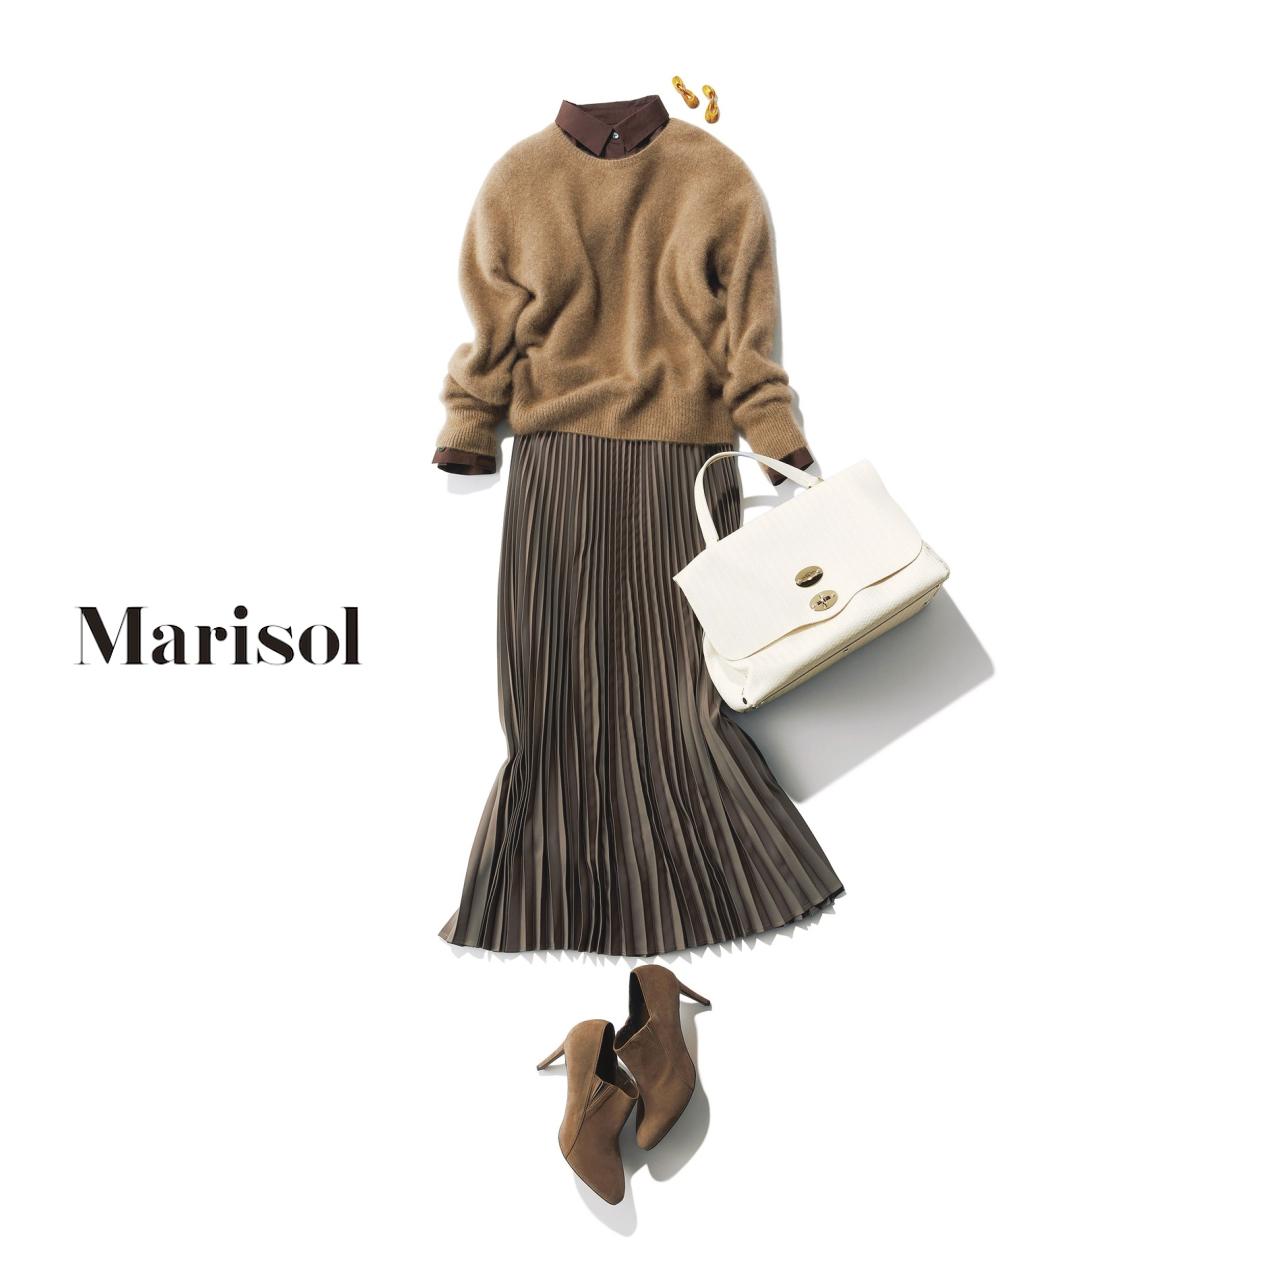 ブラウンニット×プリーツスカートのファッションコーディネート